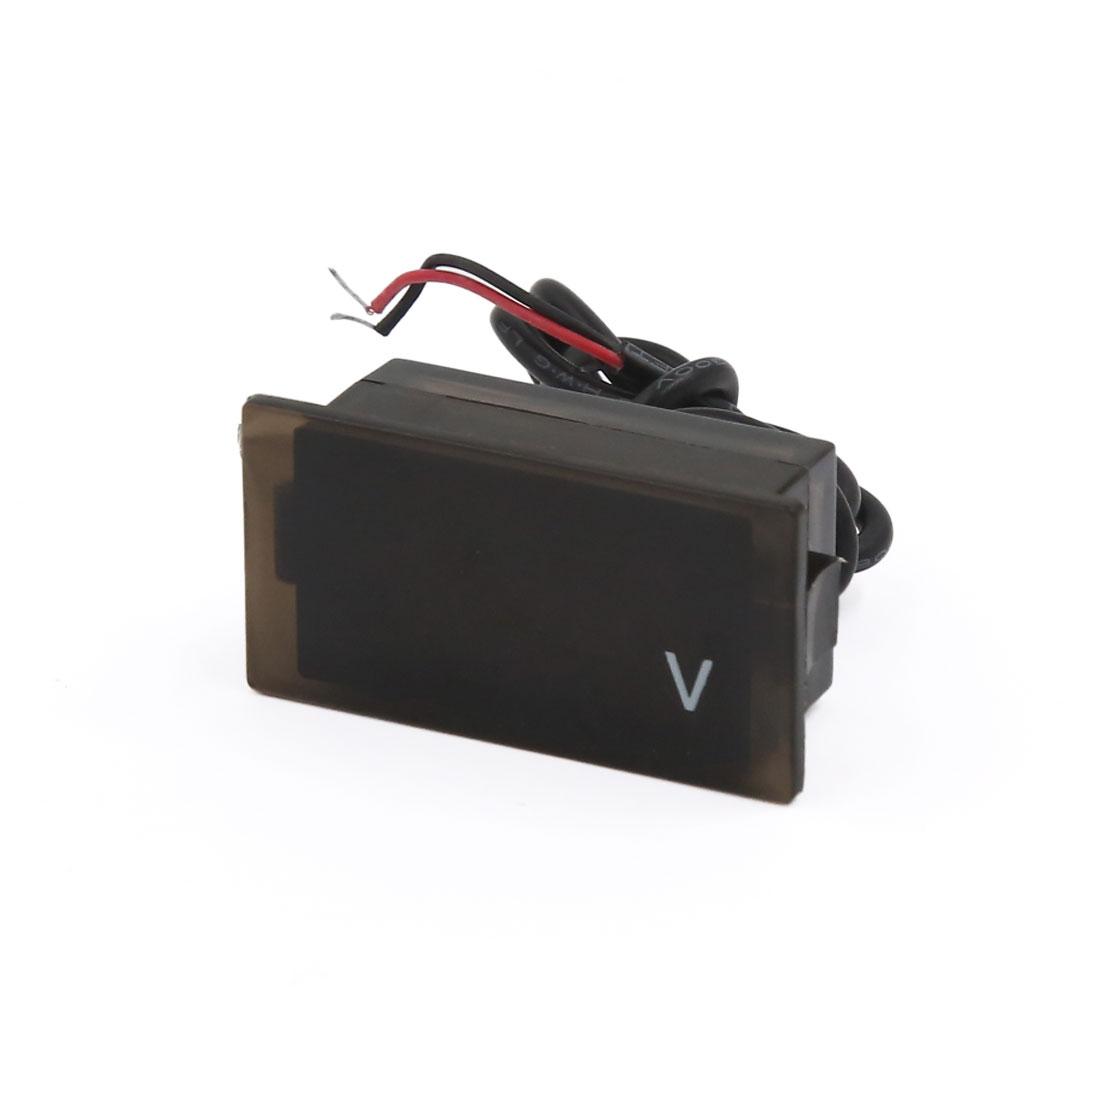 DC 12V Vehicle Motorbike LED Display Digital Voltage Voltmeter